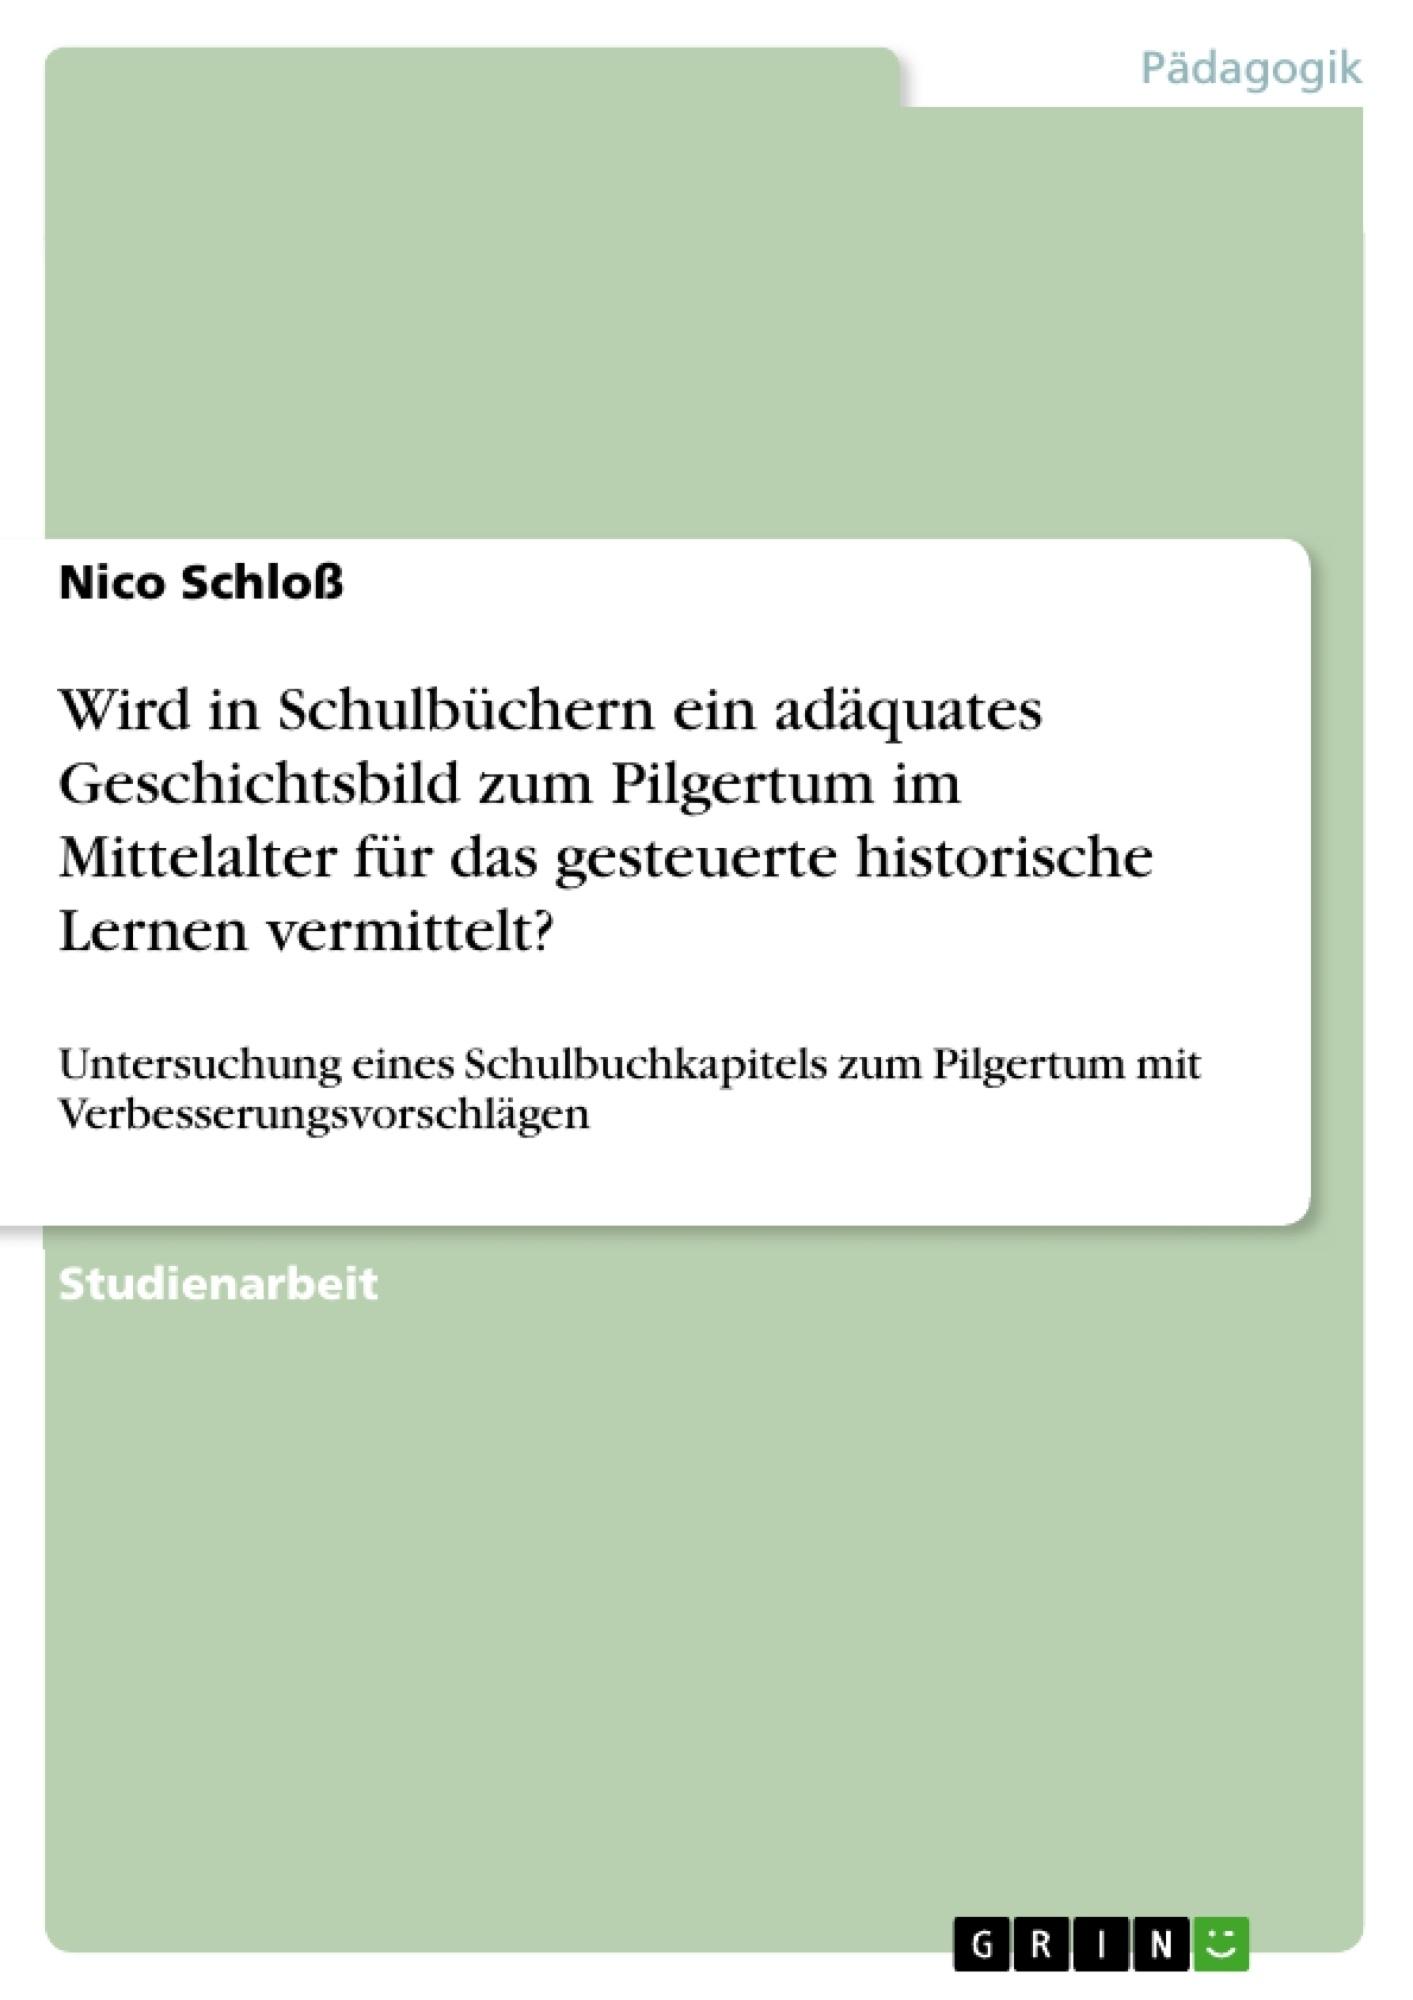 Titel: Wird in Schulbüchern ein adäquates Geschichtsbild zum Pilgertum im Mittelalter für das gesteuerte historische Lernen vermittelt?